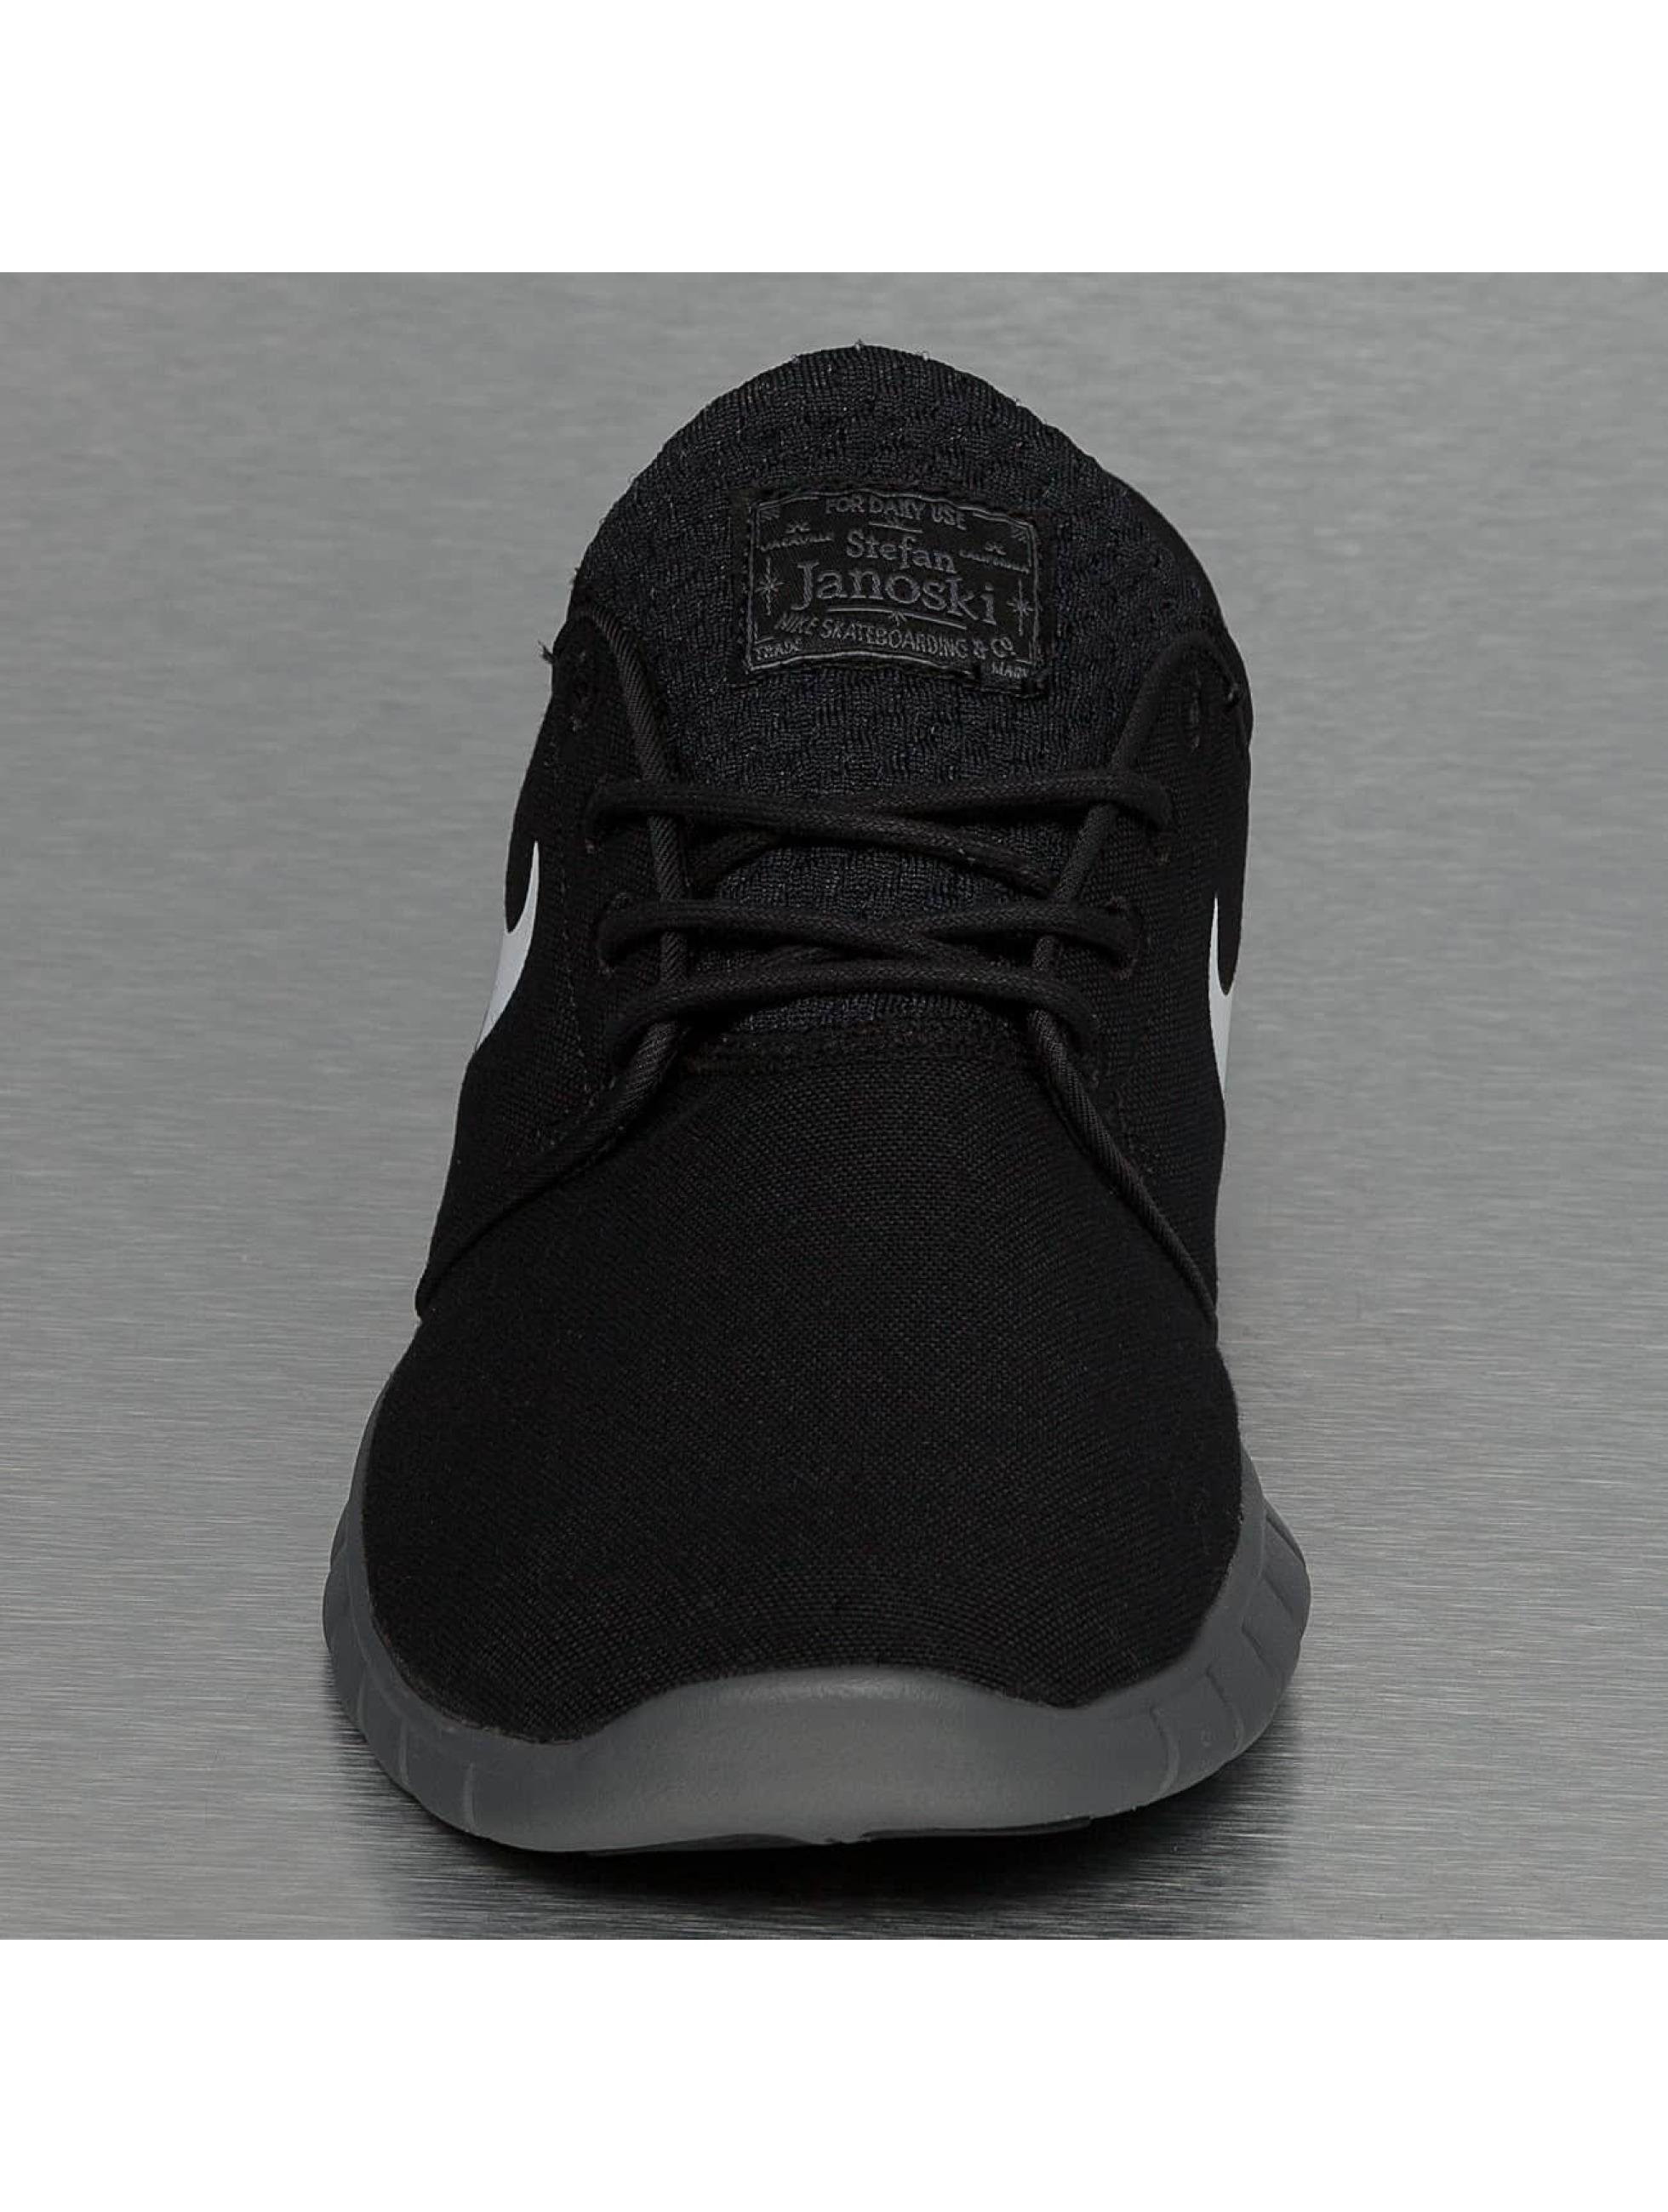 Nike Janoski Max Herren Rot